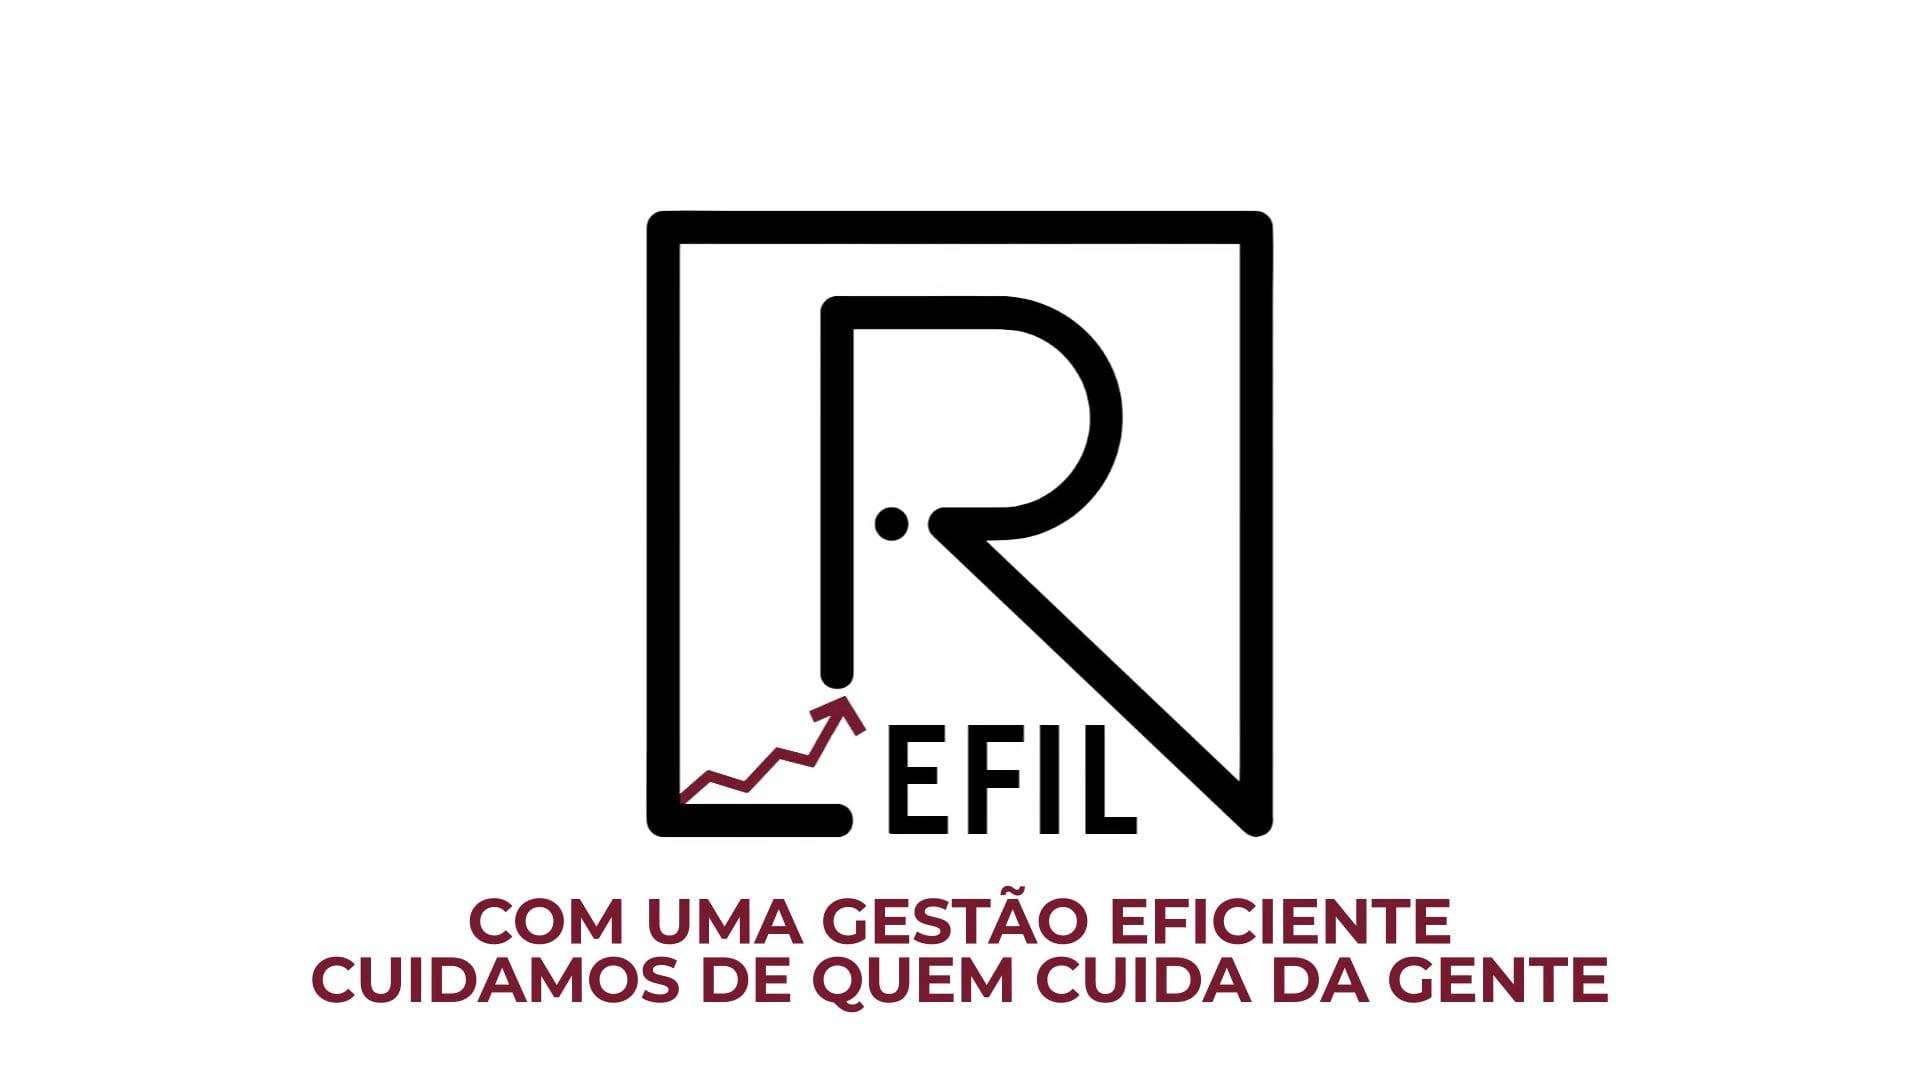 Refiltech